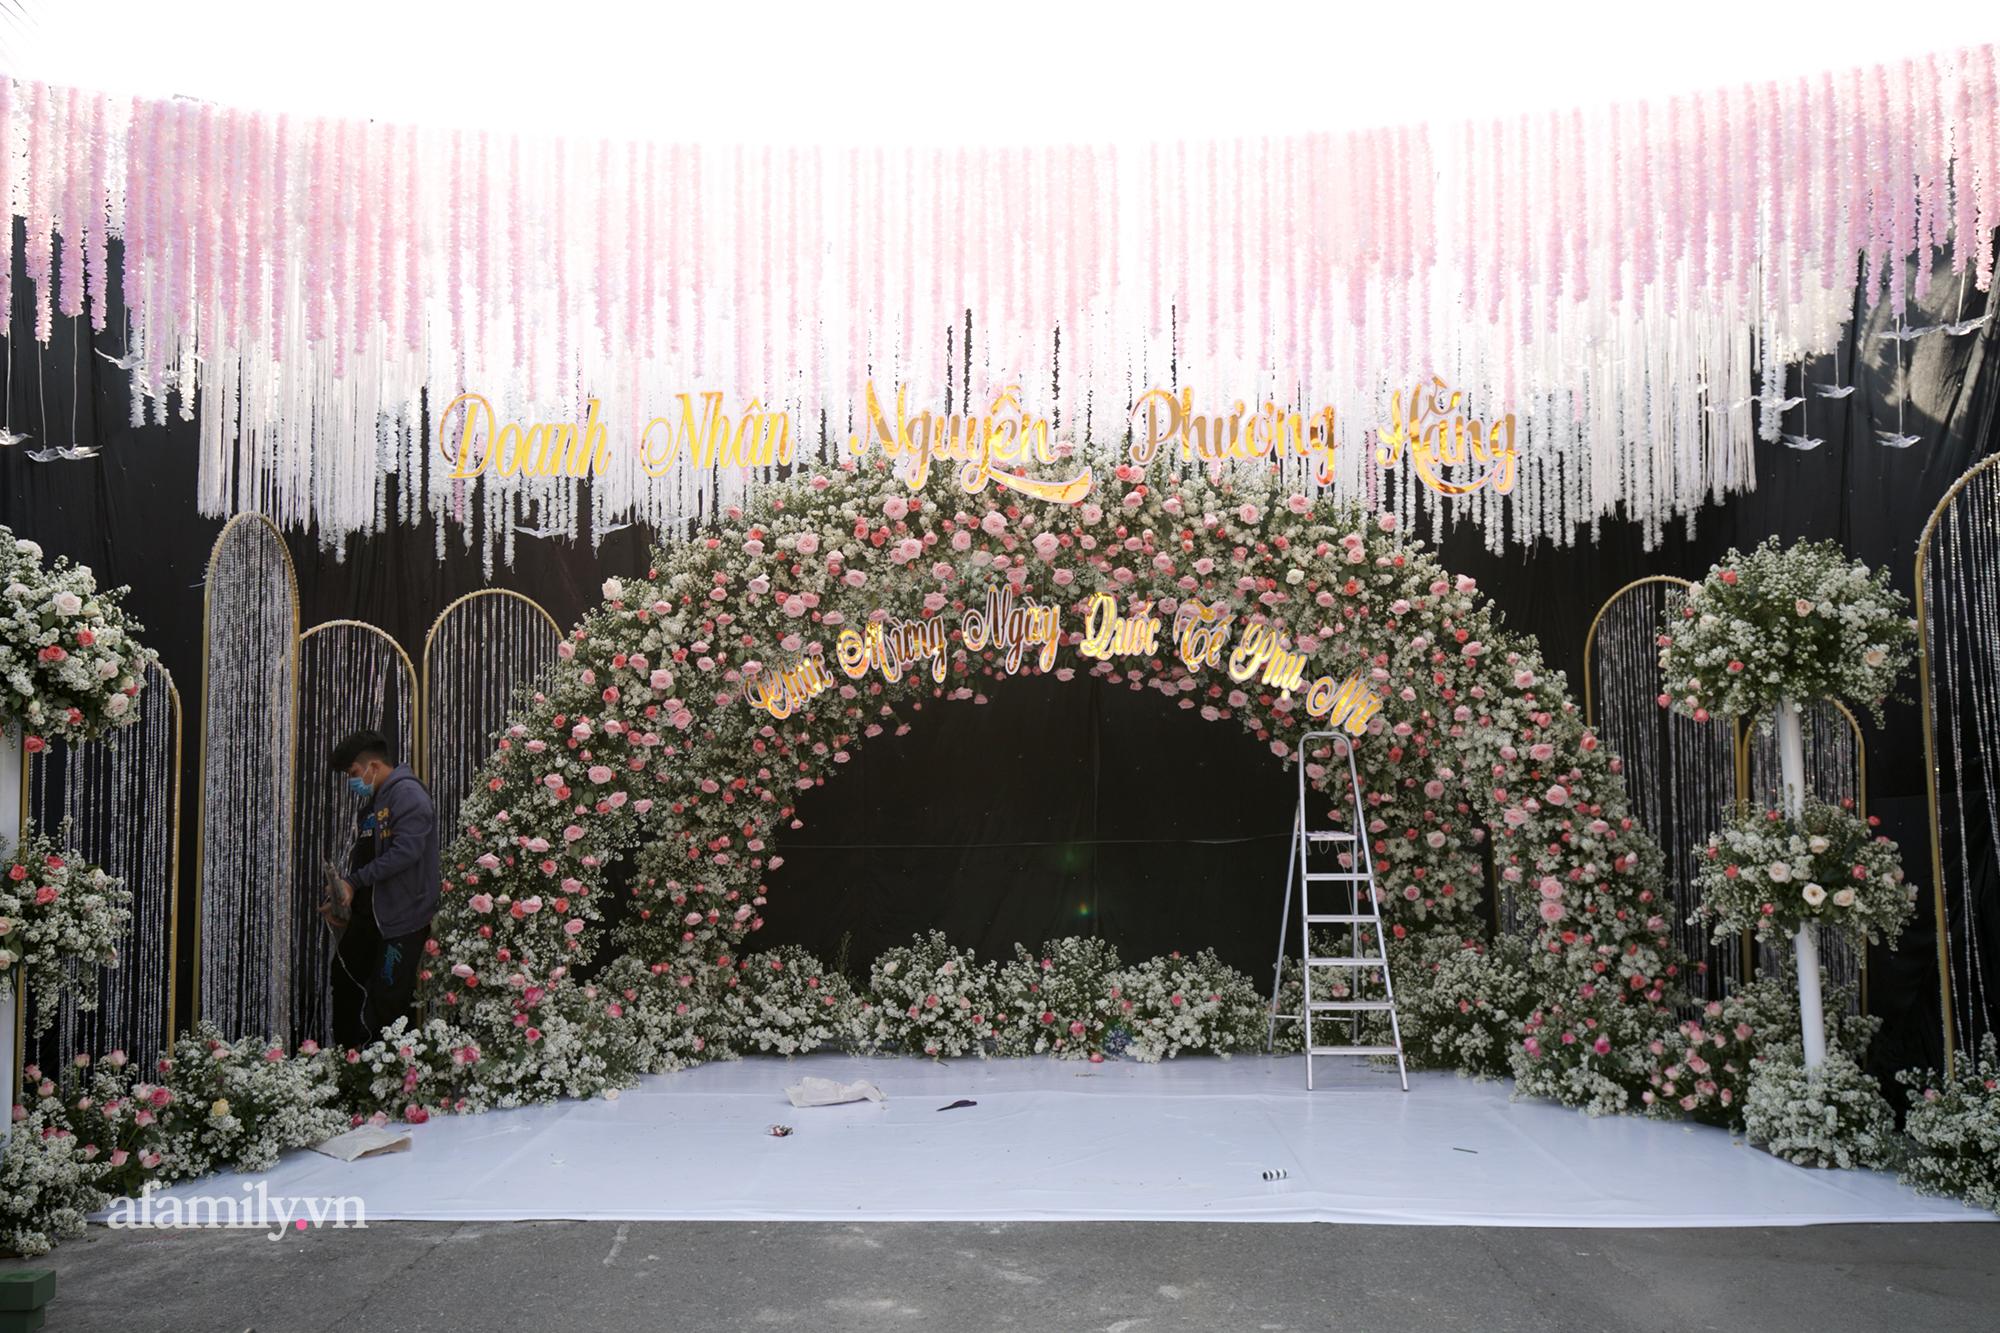 """Siêu choáng buổi tiệc 8/3 miễn phí cho 1.500 người do doanh nhân Phương Hằng - vợ ông Dũng """"lò vôi"""" tổ chức: Sảnh to như đám cưới, thực đơn chuẩn nhà hàng 5 sao - Ảnh 1."""